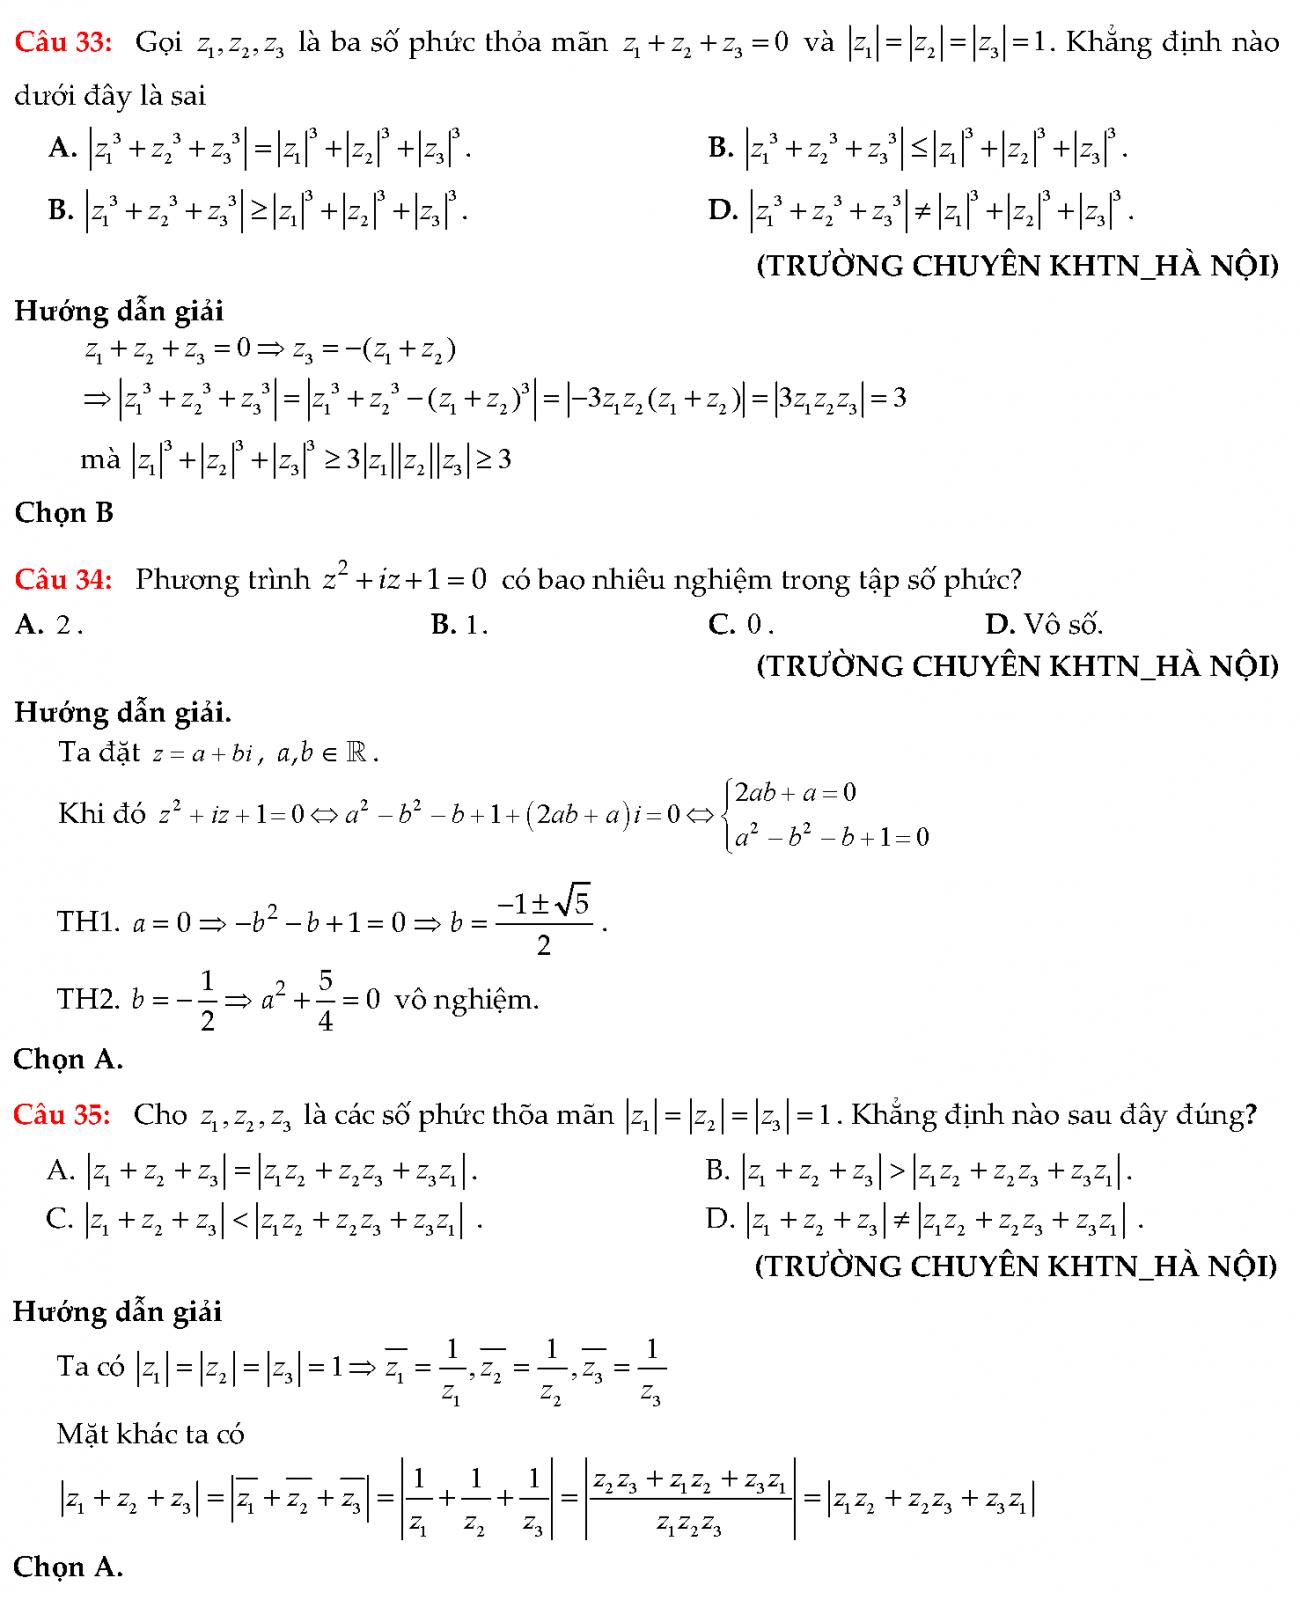 40-cau-trac-nghiem-so-phuc-9-png.9693